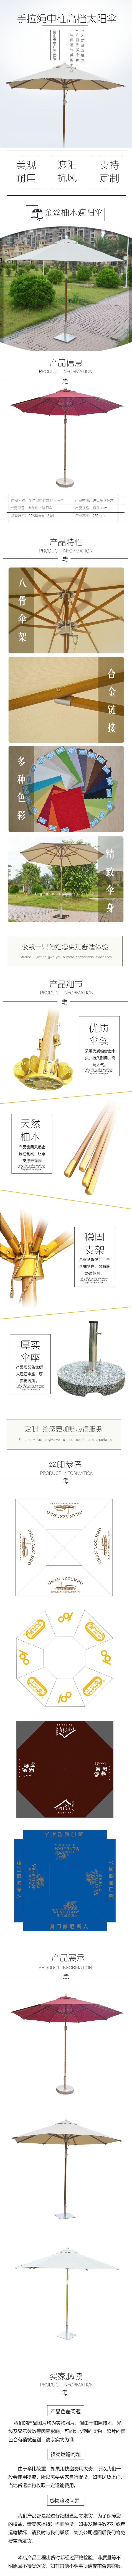 清新简约百货零售家居生活手拉绳太阳伞促销电商详情页